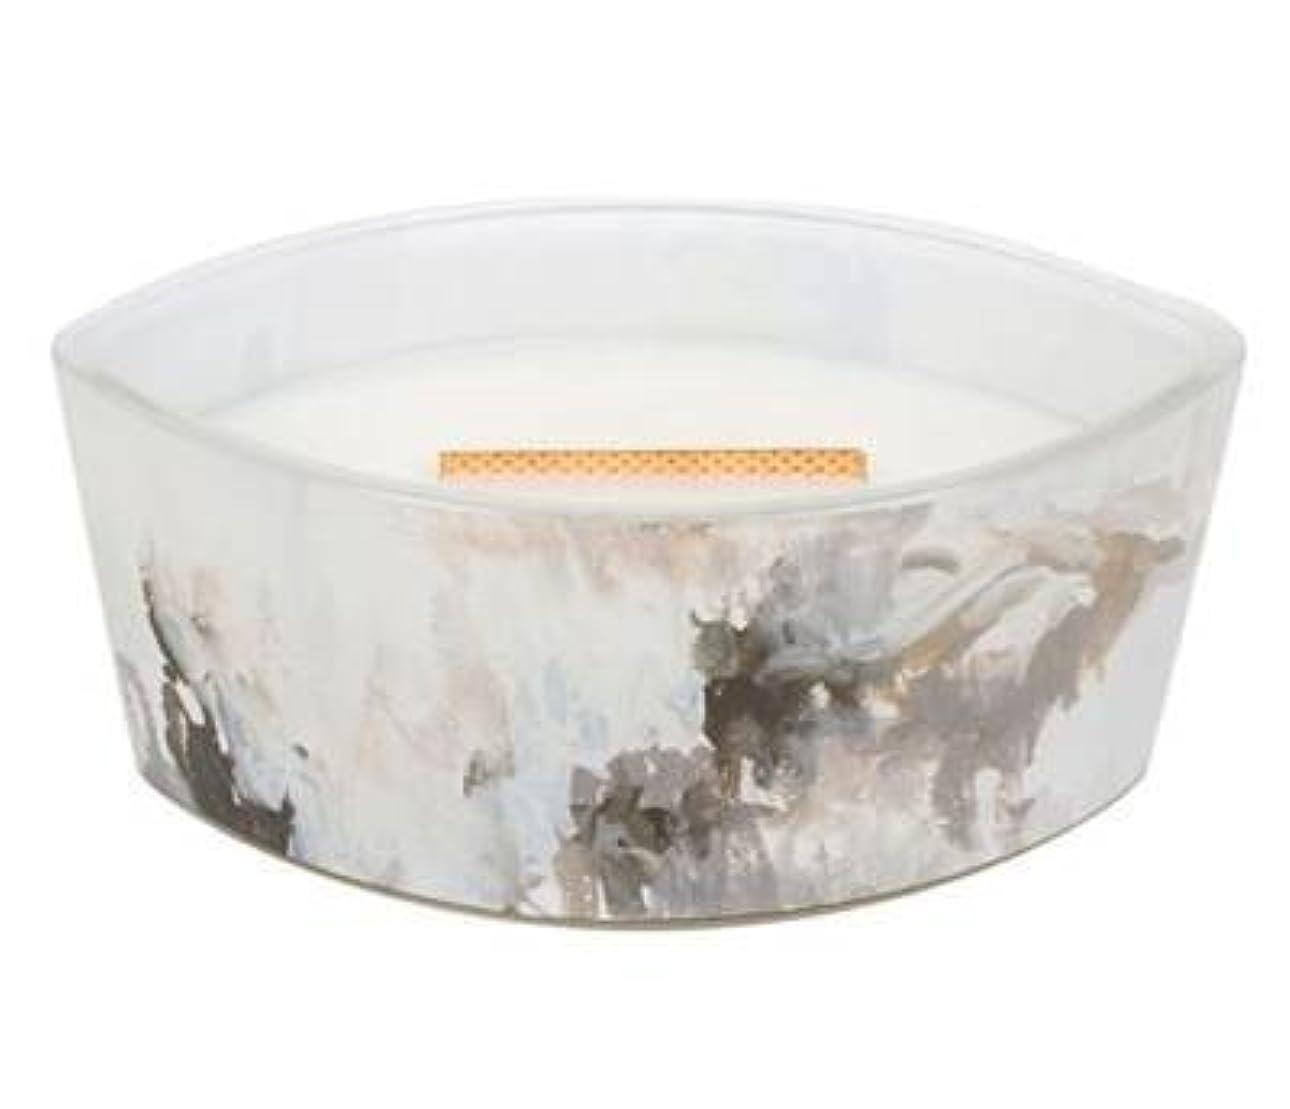 約ドルカナダHoney Tabac – アーティザンコレクション楕円WoodWick香りつきJar Candle